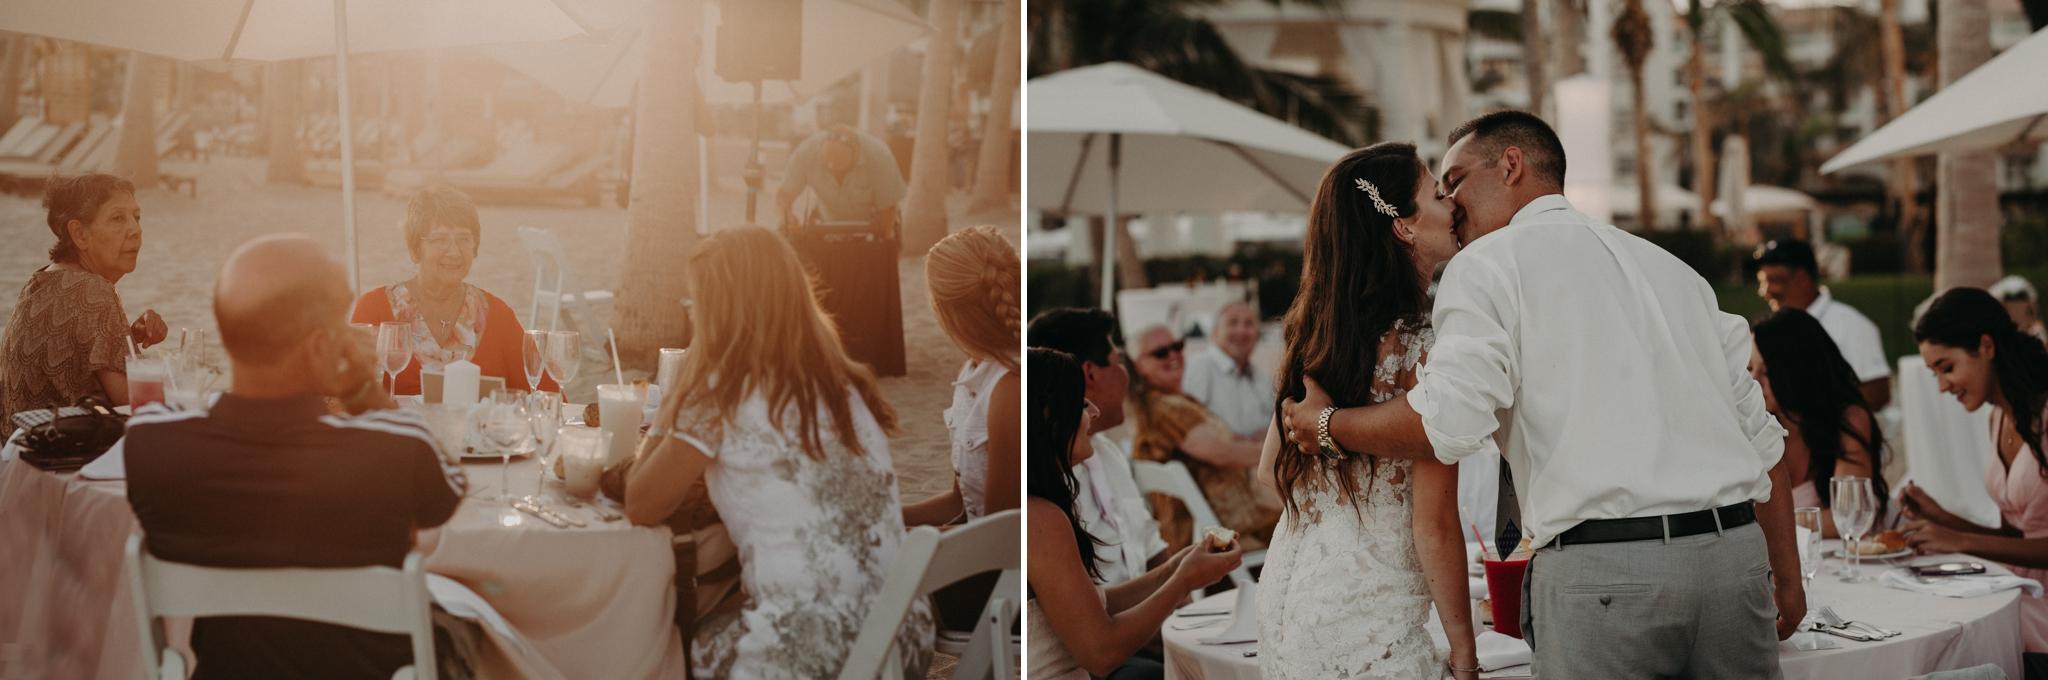 hawaii-wedding-photography11.jpg